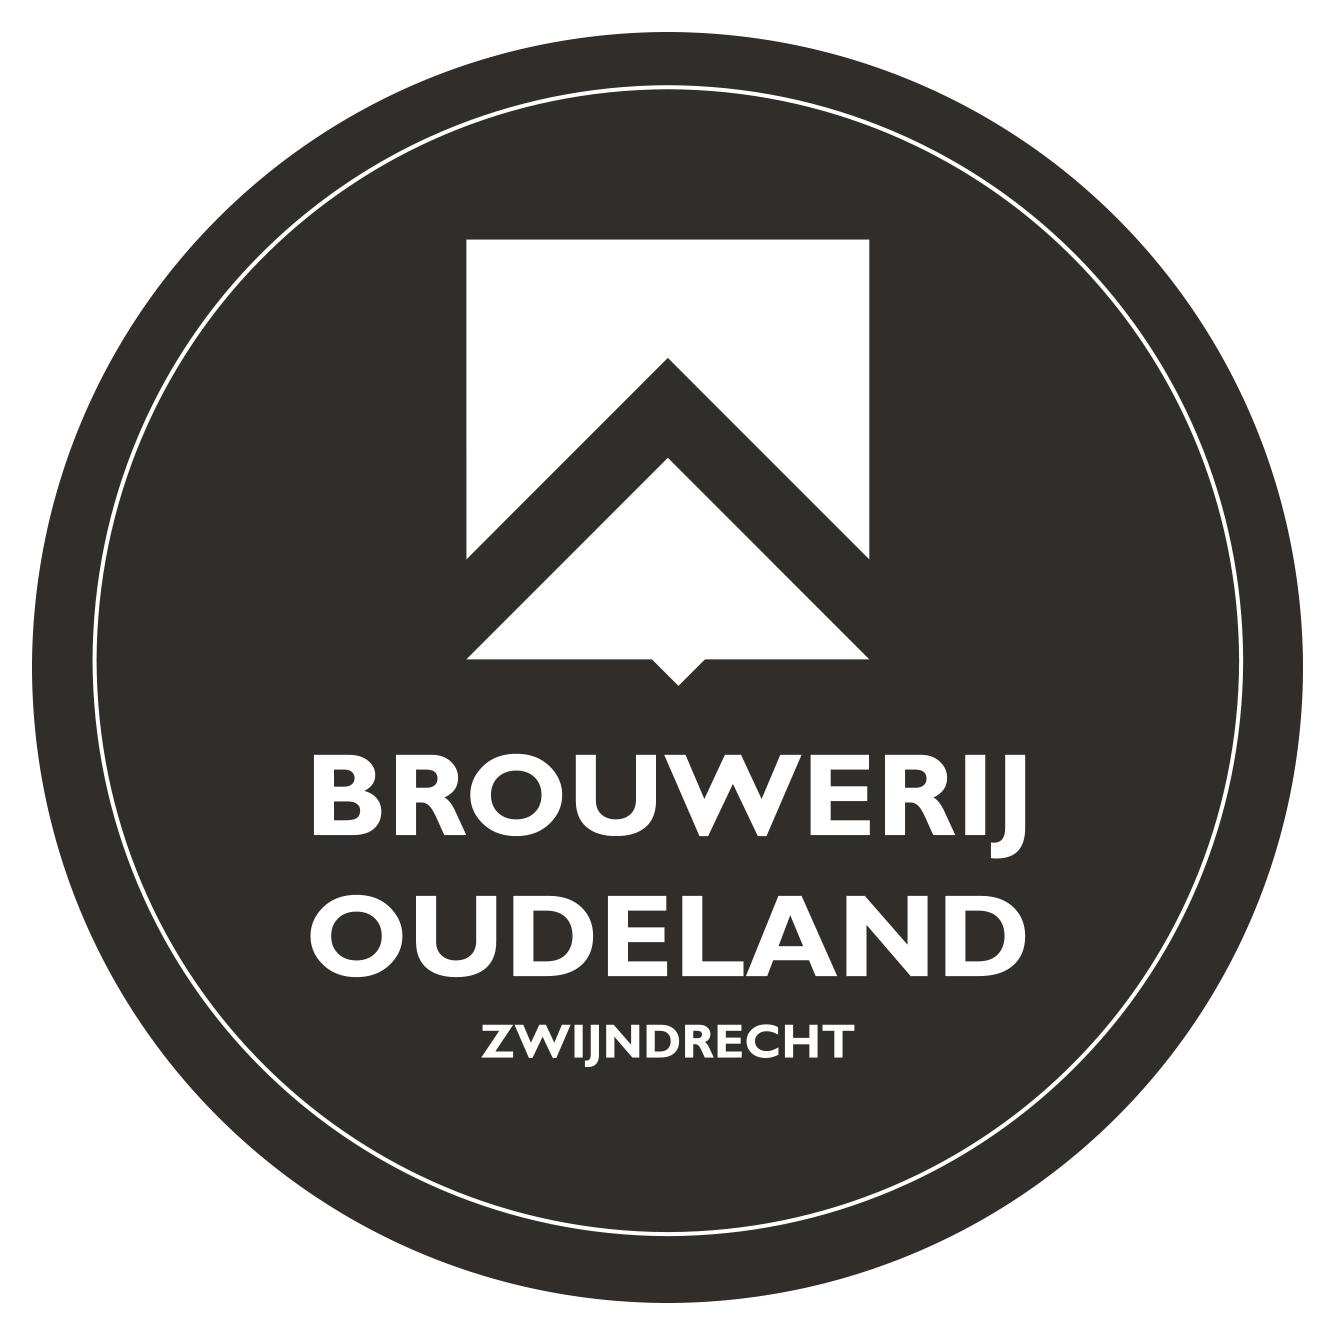 <p>Bierviltje (maart 2021)</p>